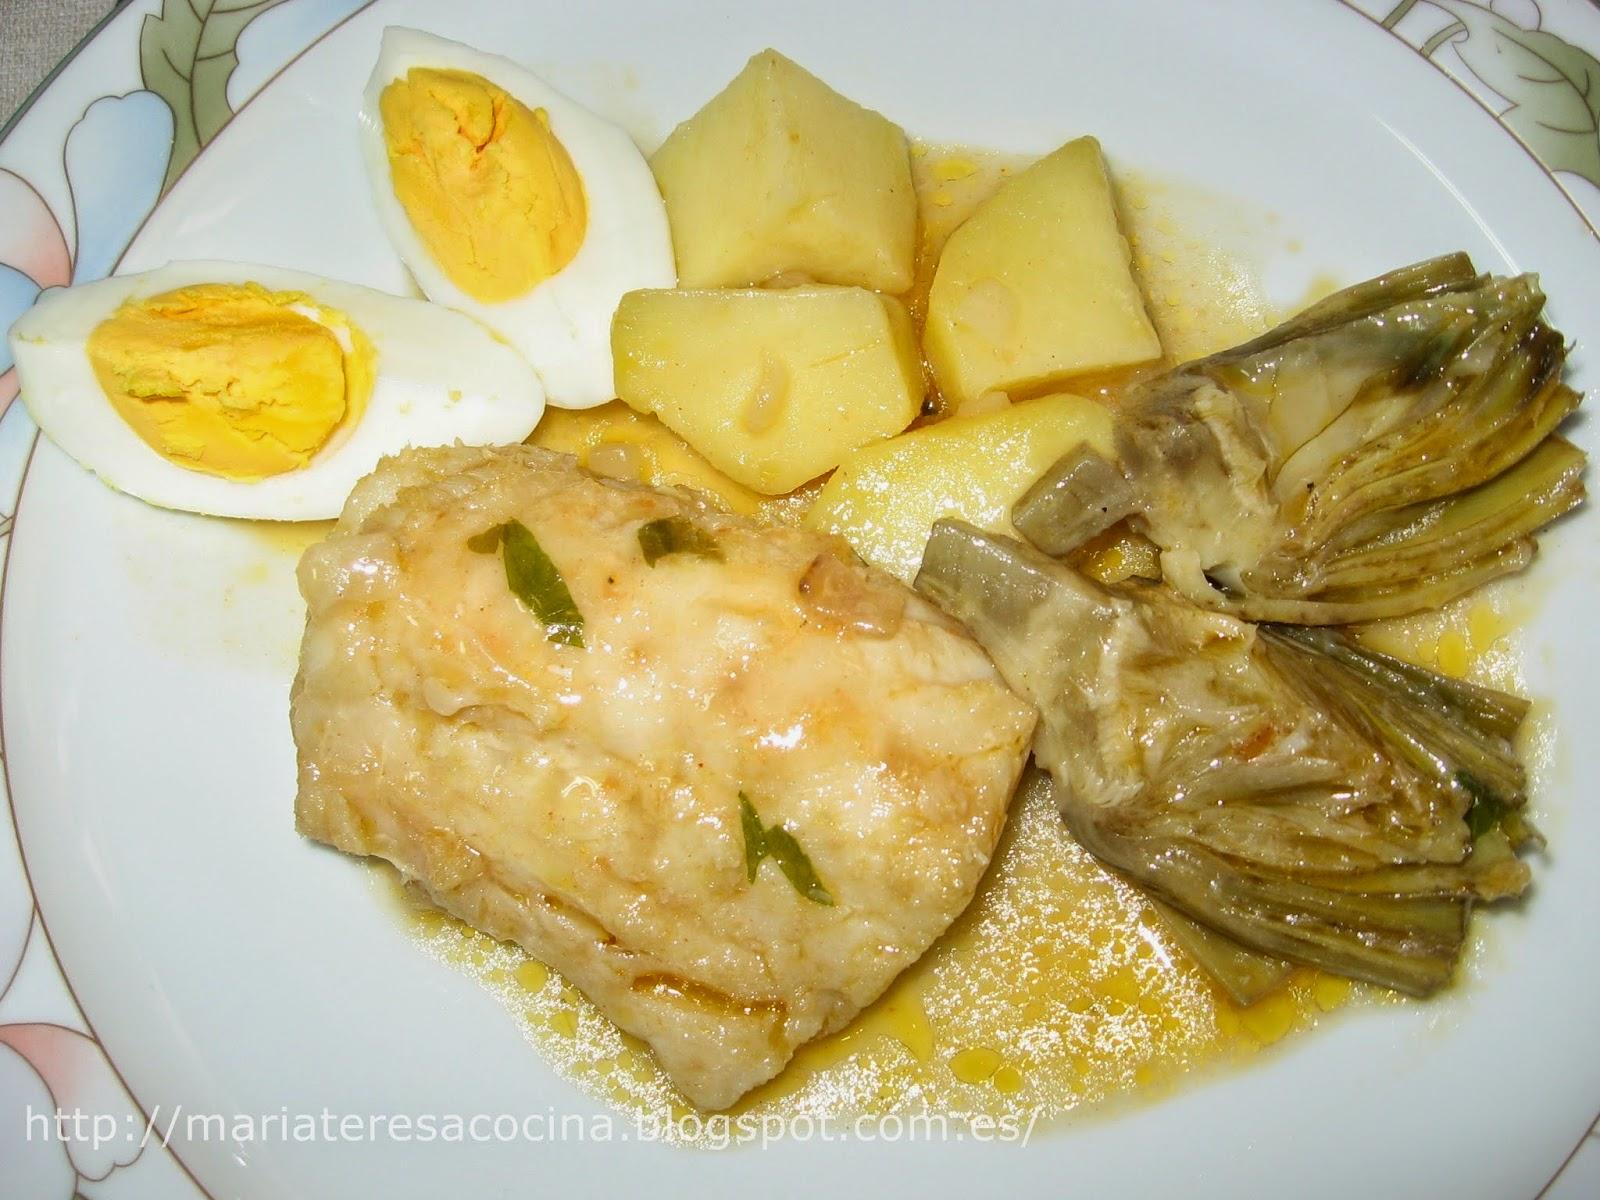 Mis recetas para ti bacalao con patatas y alcachofas - Bacalao con garbanzos y patatas ...